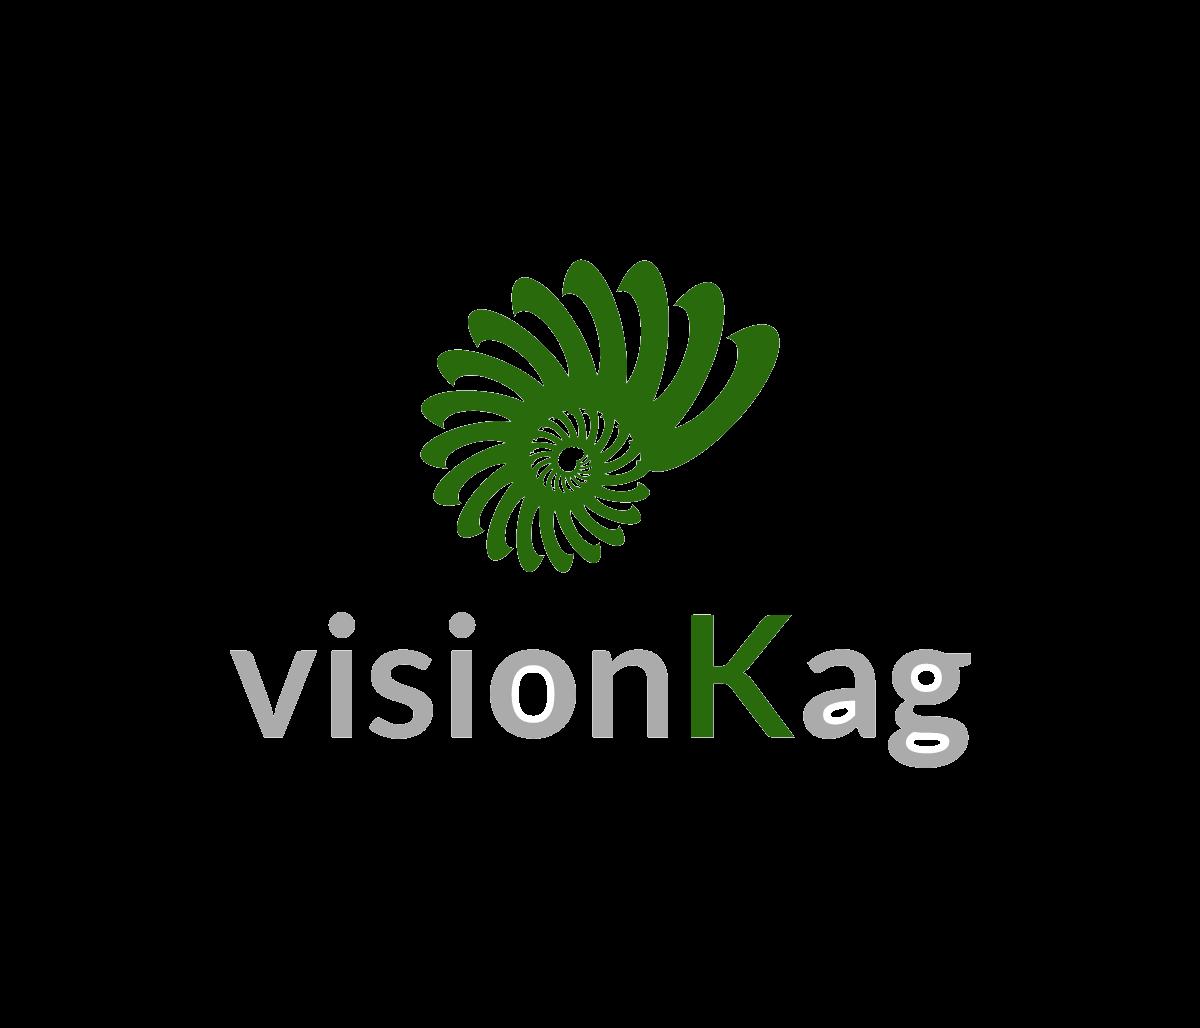 Vision-kag.ch